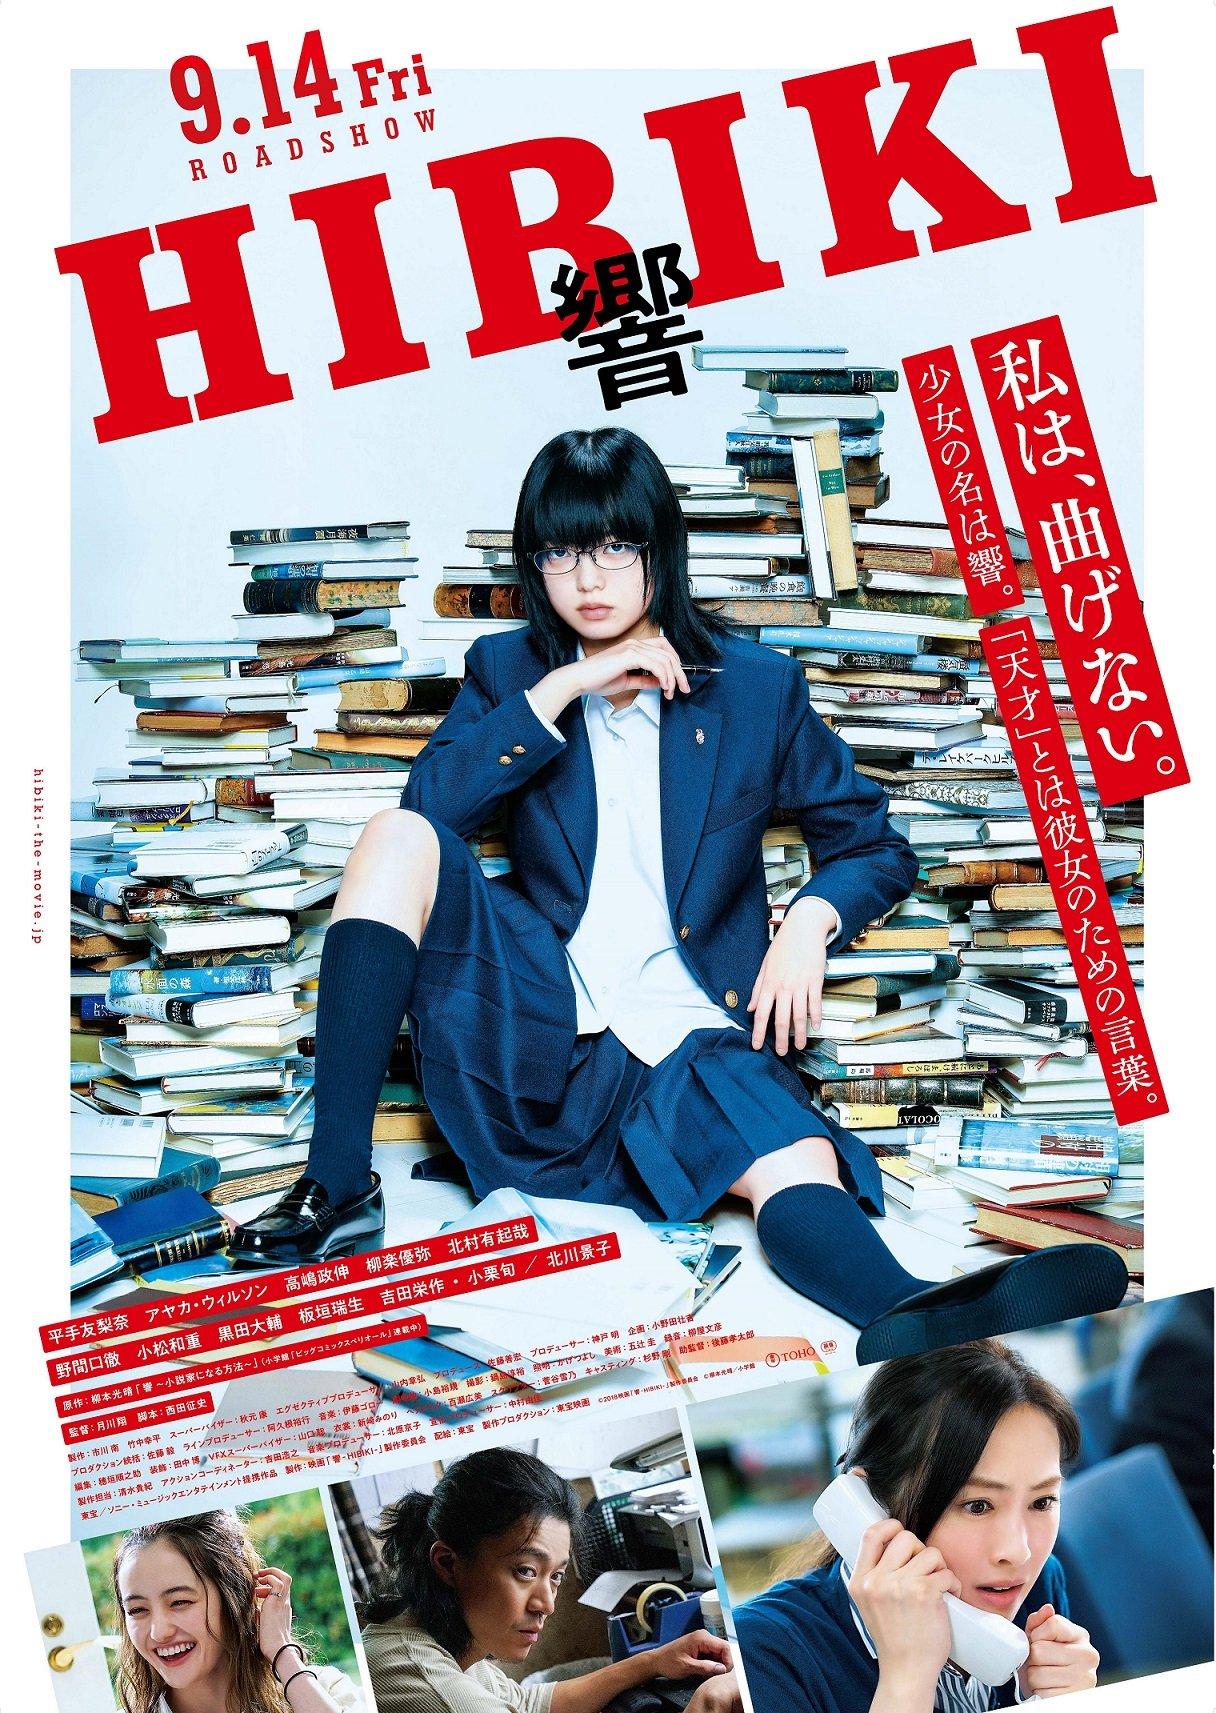 映画「響 -HIBIKI-」メインビジュアル